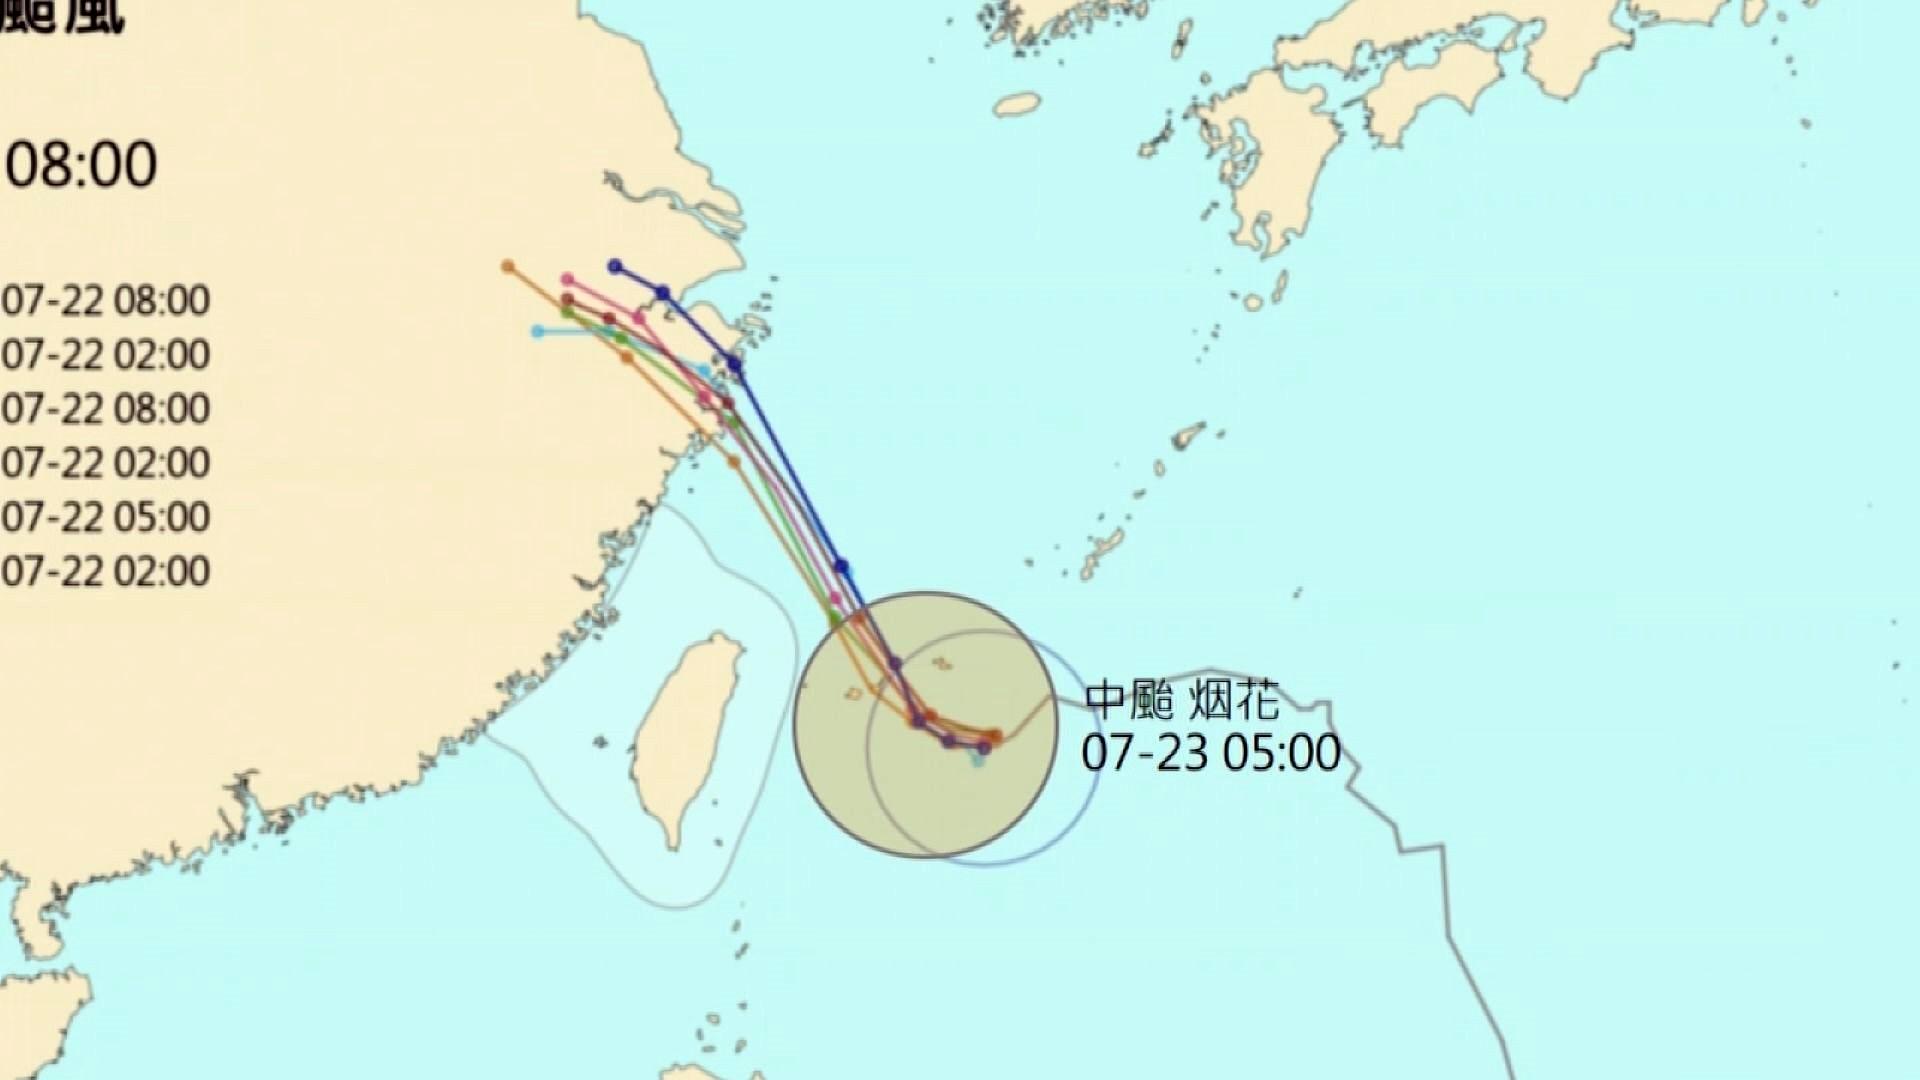 Gerakan In-Fa melambat, Jumat dan Sabtu paling dekat Taiwan